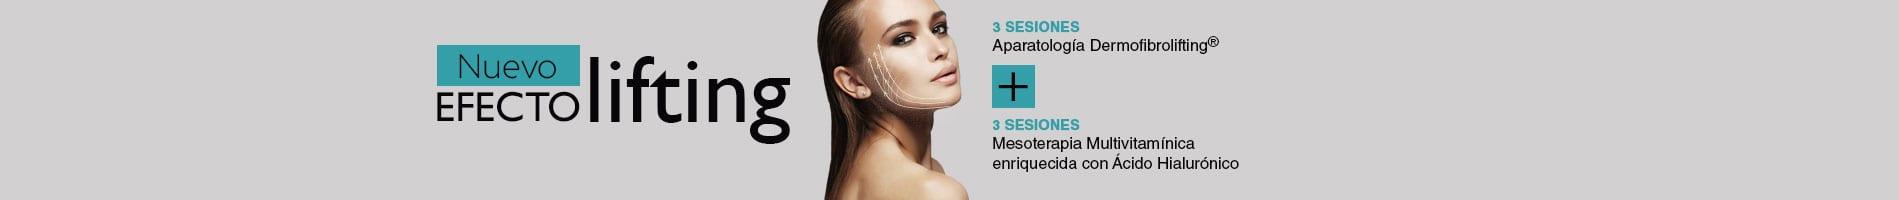 subhome medicina facial 1 Hidratación Facial